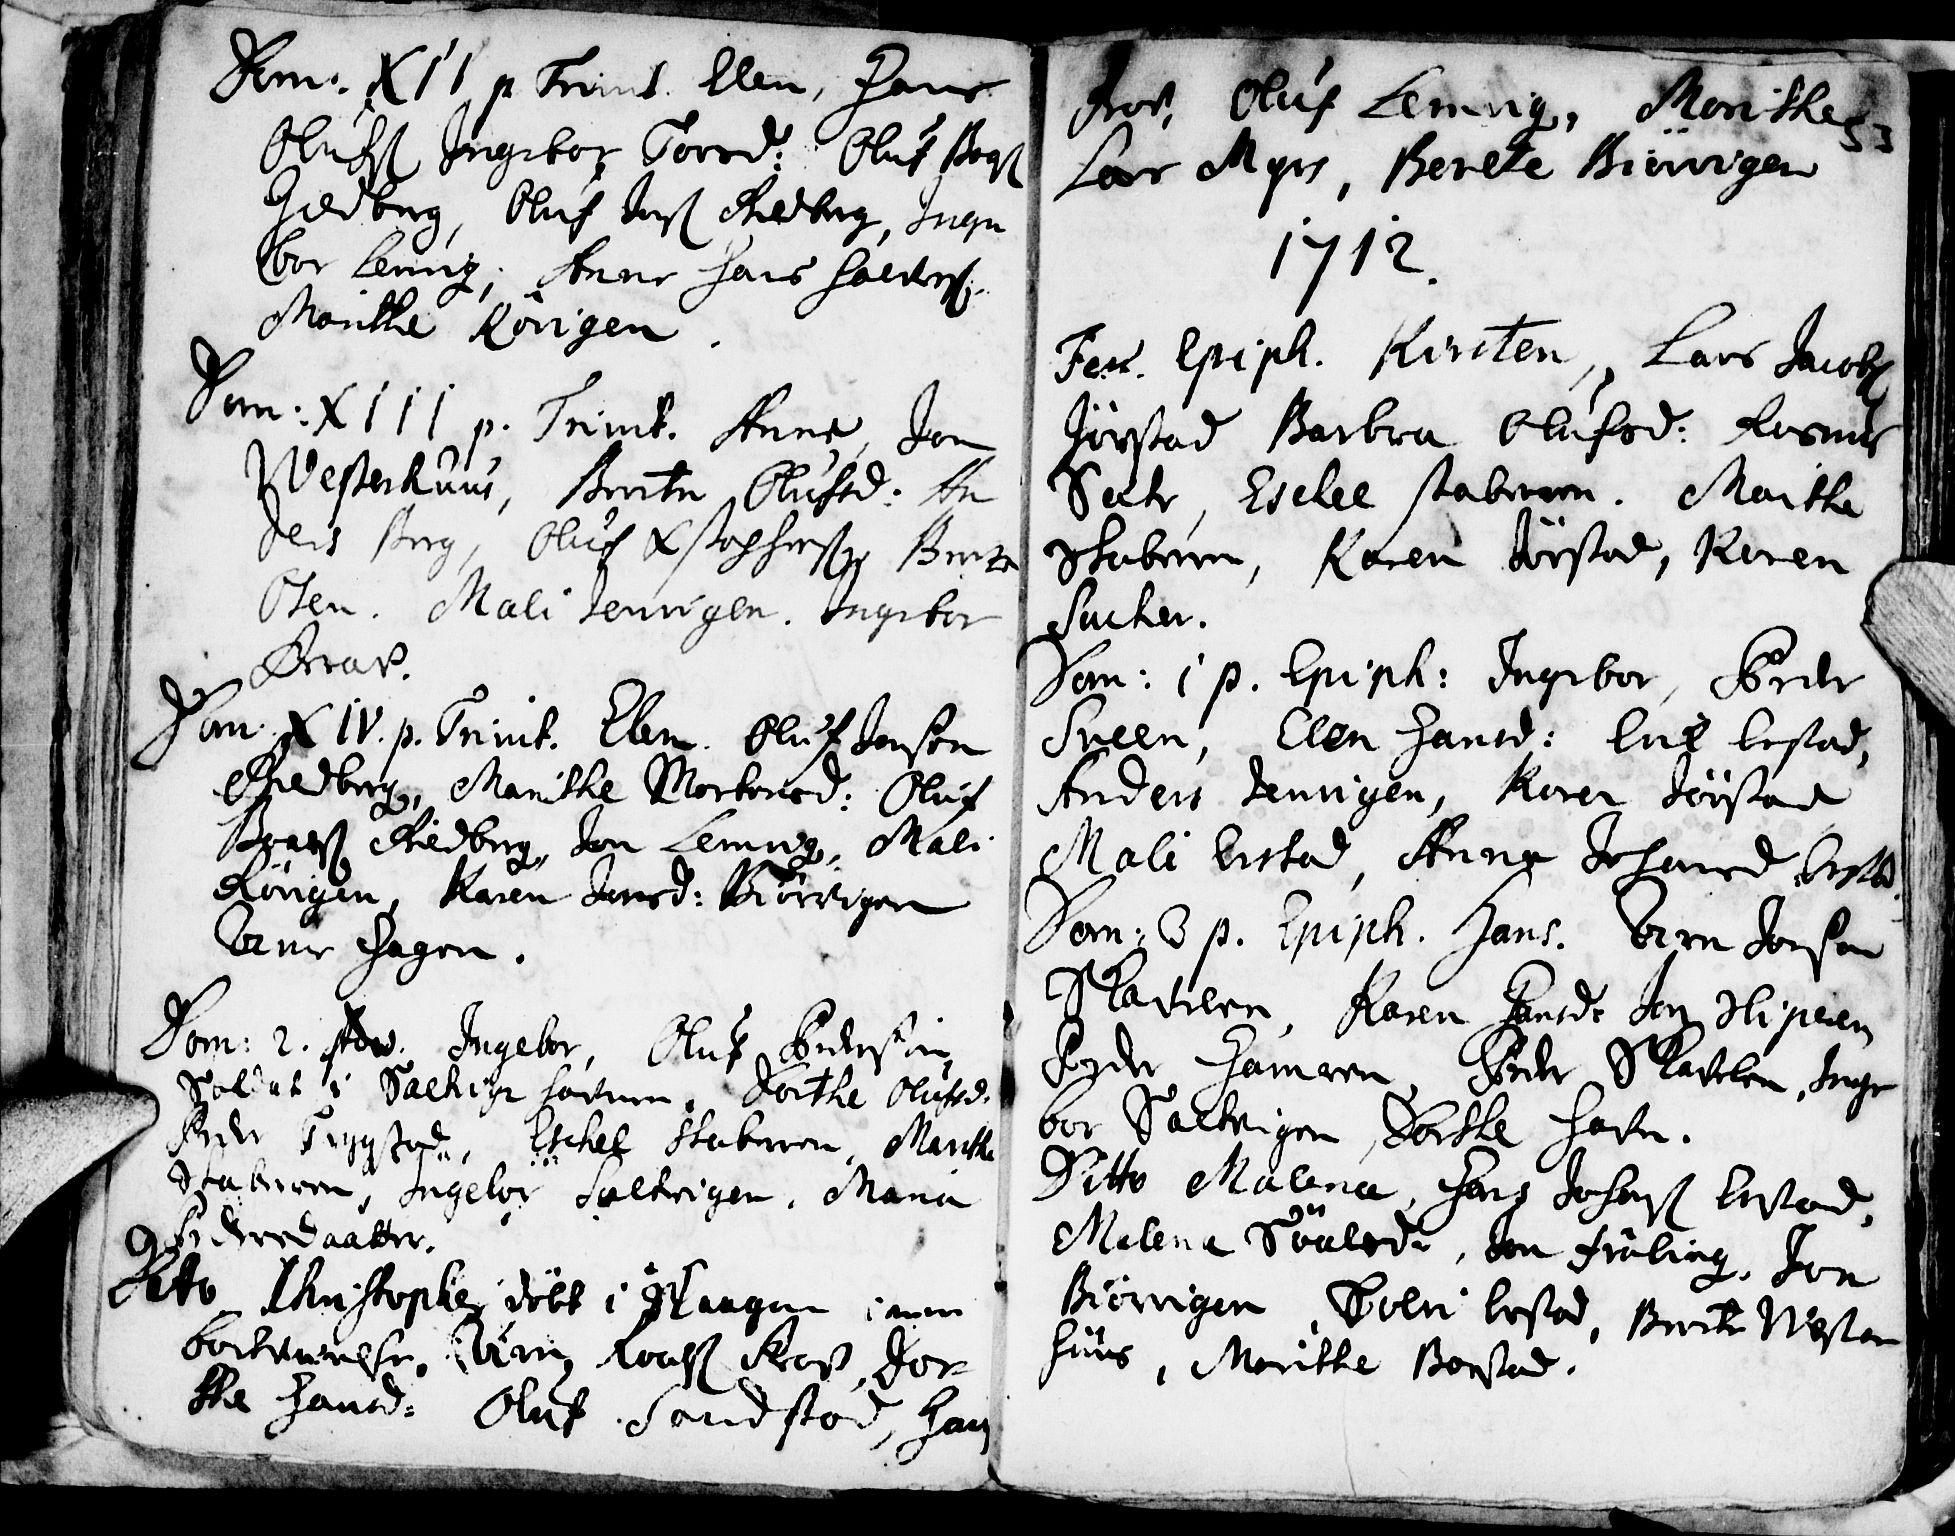 SAT, Ministerialprotokoller, klokkerbøker og fødselsregistre - Nord-Trøndelag, 722/L0214: Ministerialbok nr. 722A01, 1692-1718, s. 53